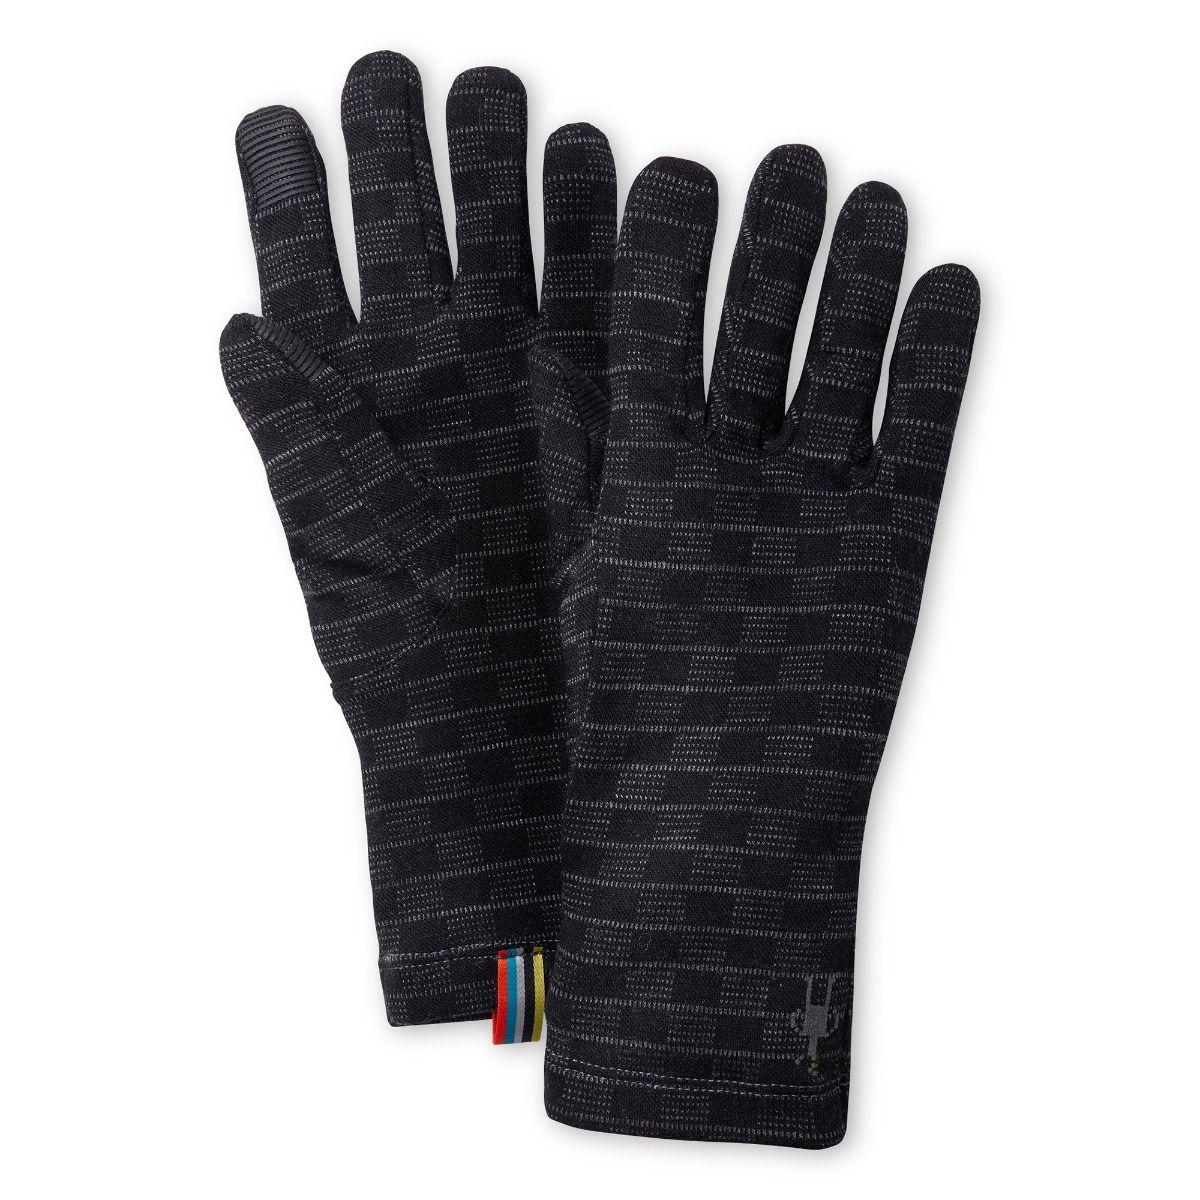 Merino 250 Pattern Glove